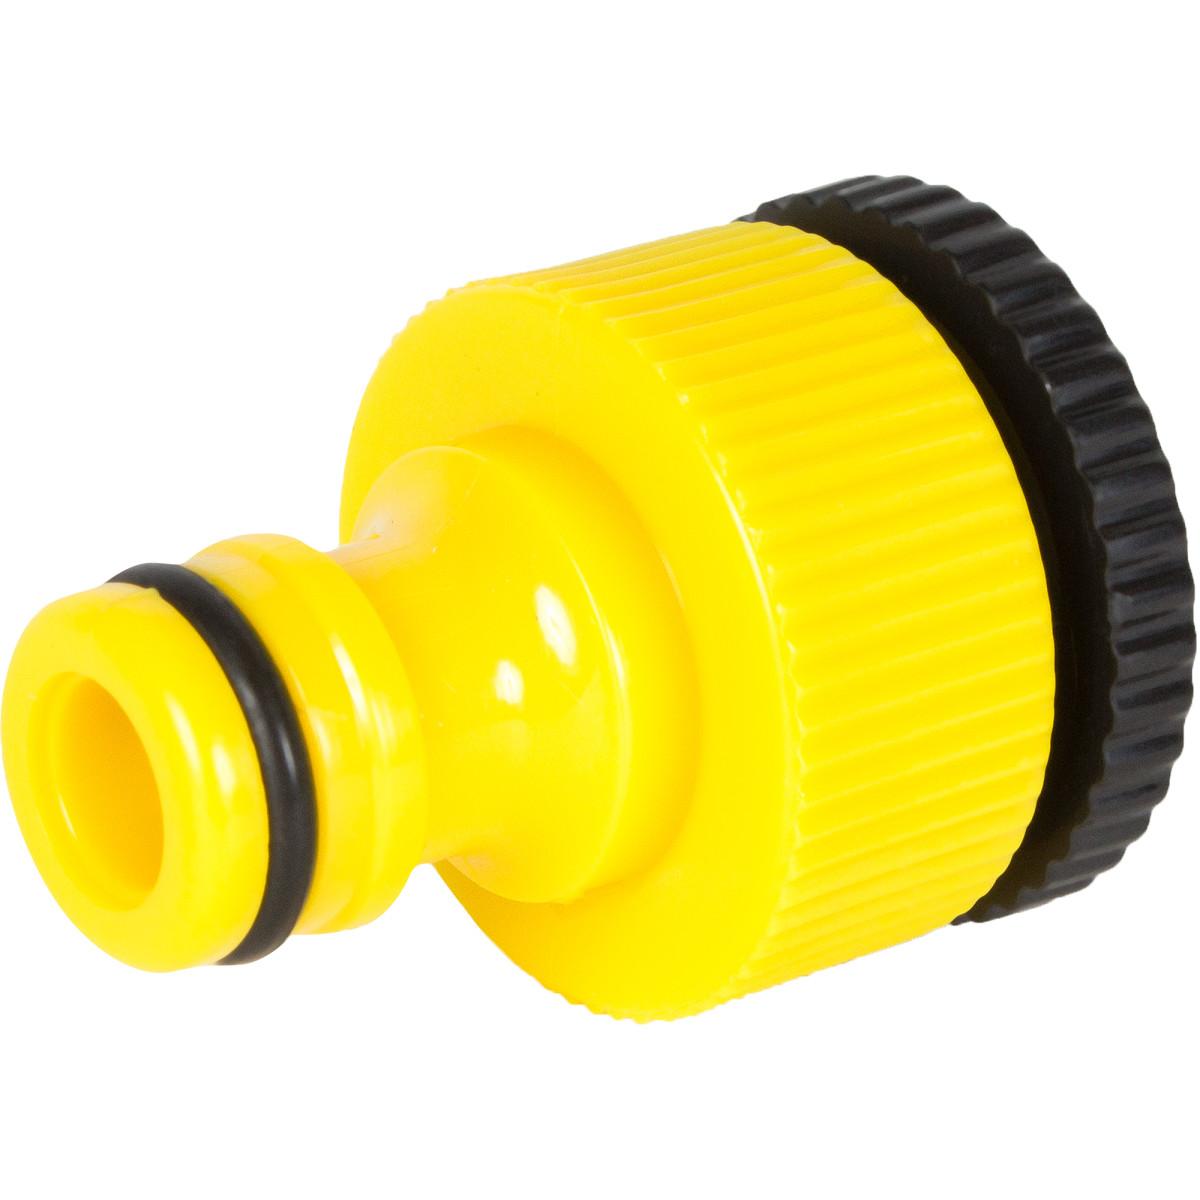 Адаптер на кран быстрого соединения 1/2-3/4 дюйма.